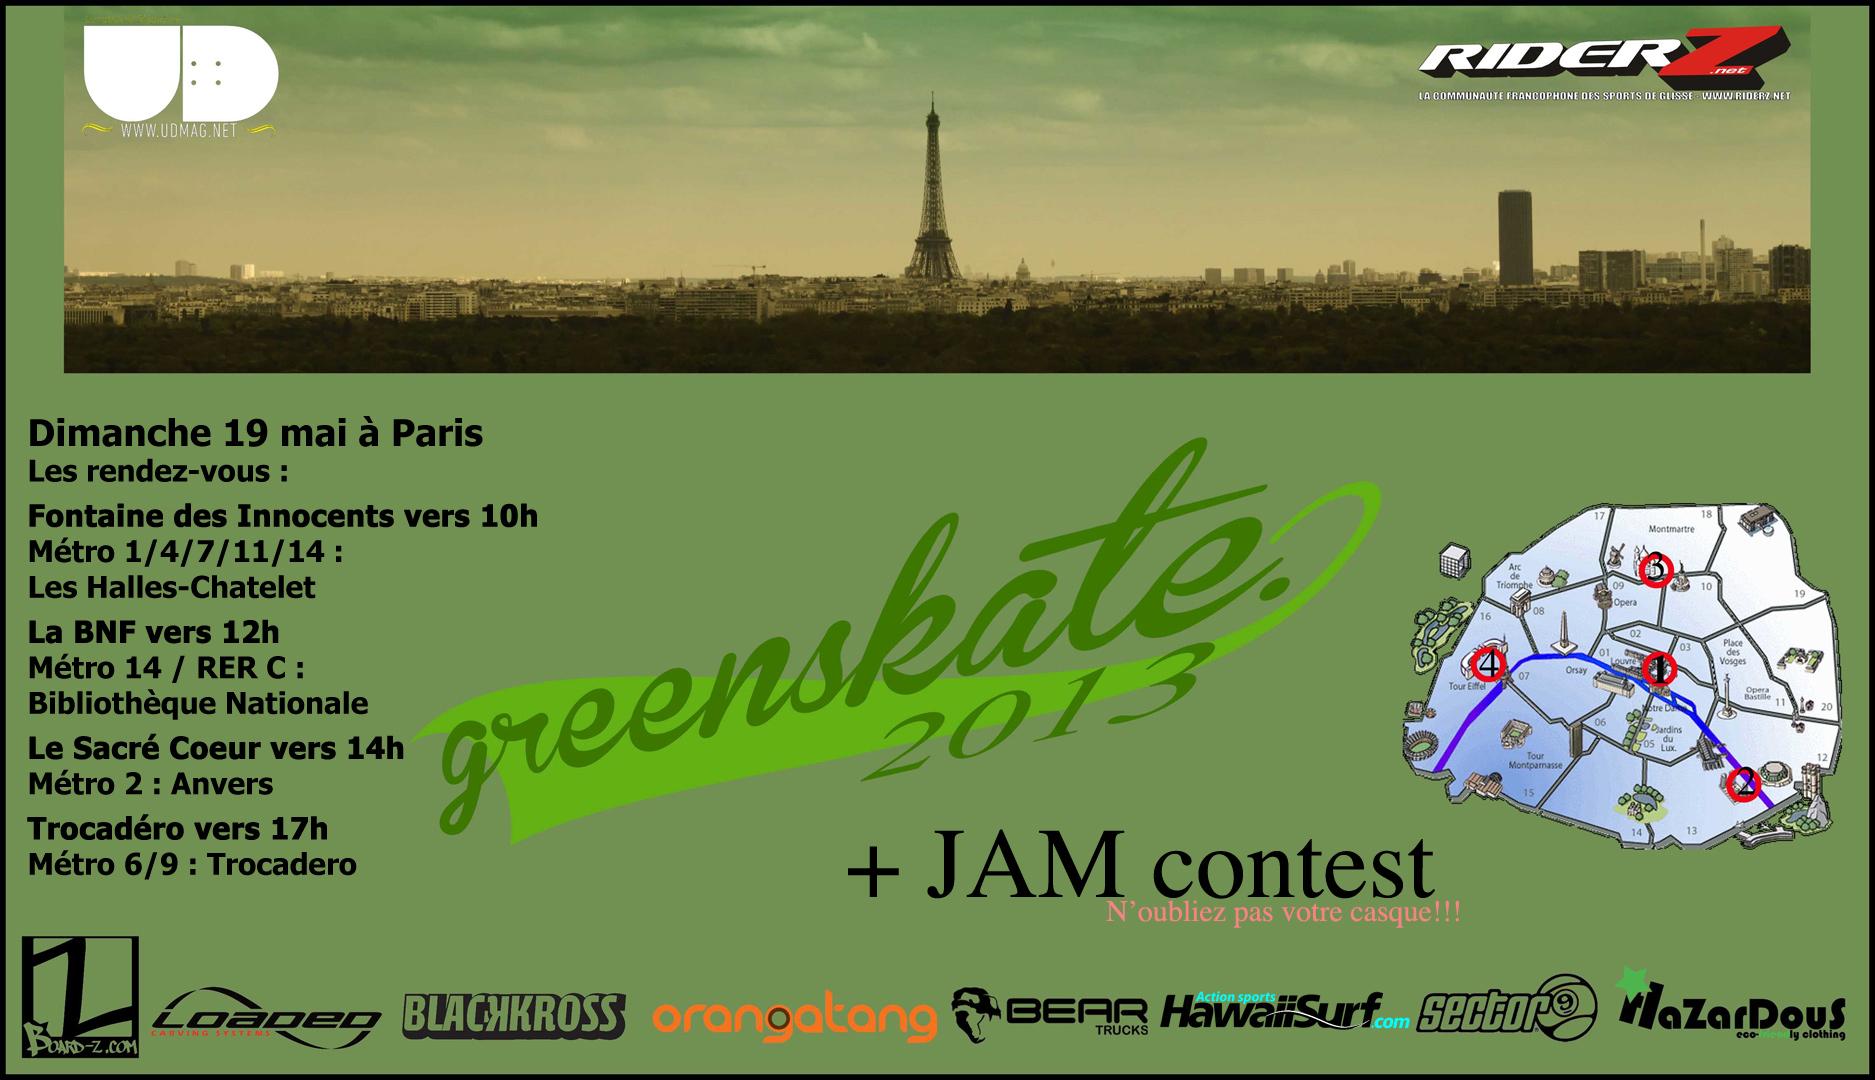 Greenskate 2013 Flyer